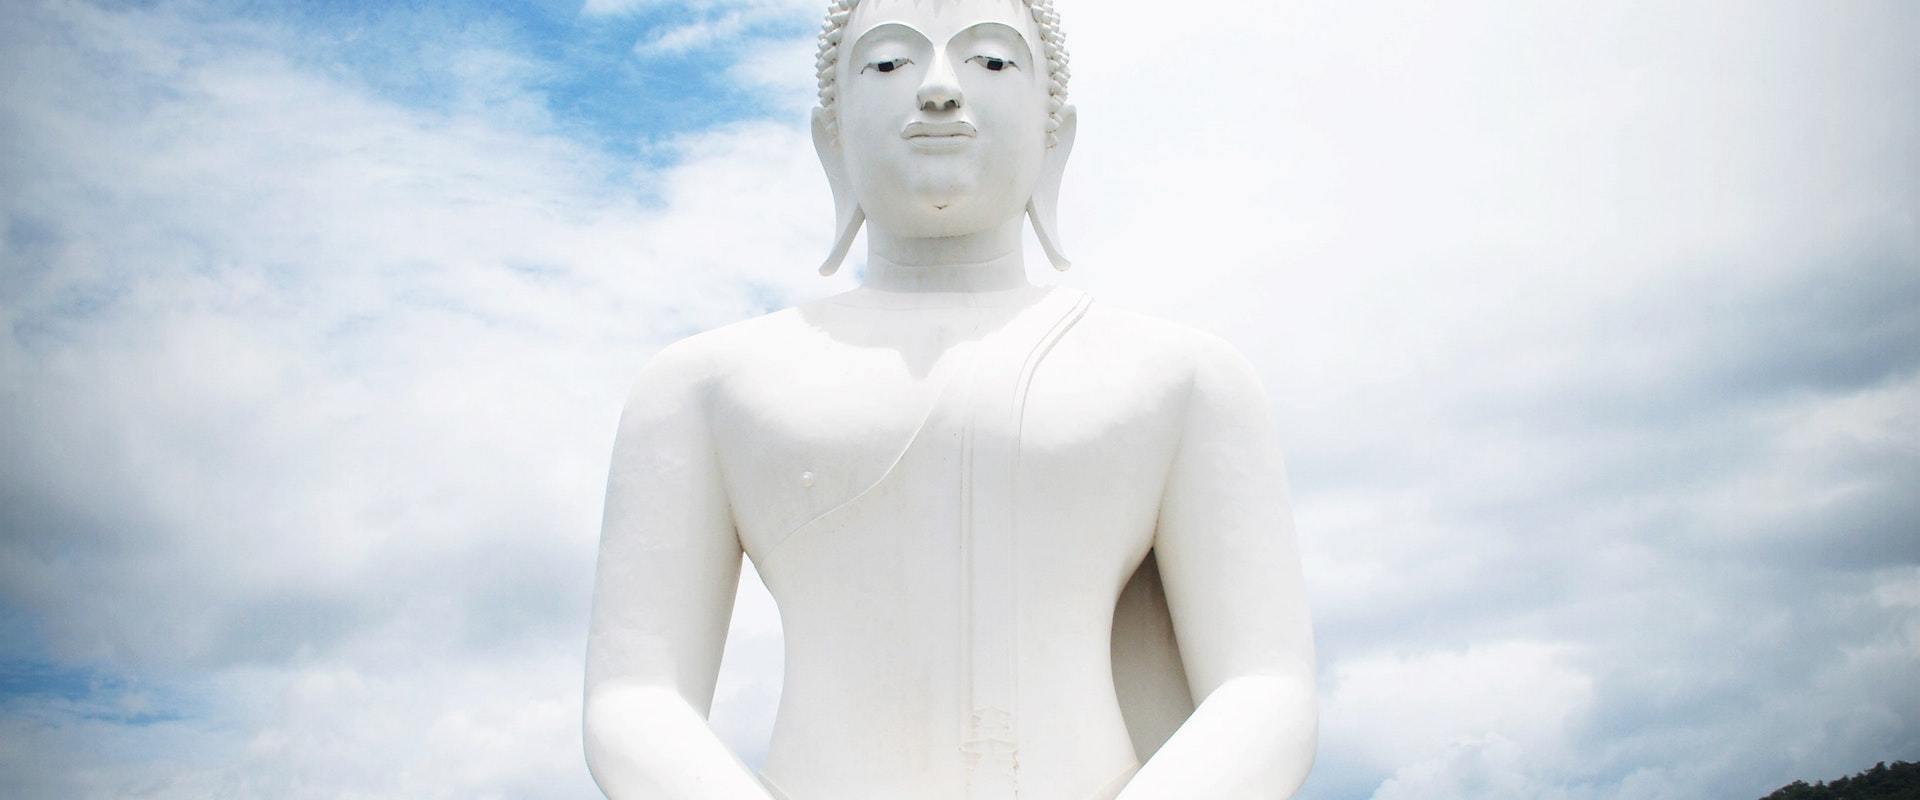 lao ce tao te king idézetek Lao ce Tao Te King :Idézetek Az Út és Erény könyvéből   Ejva.R